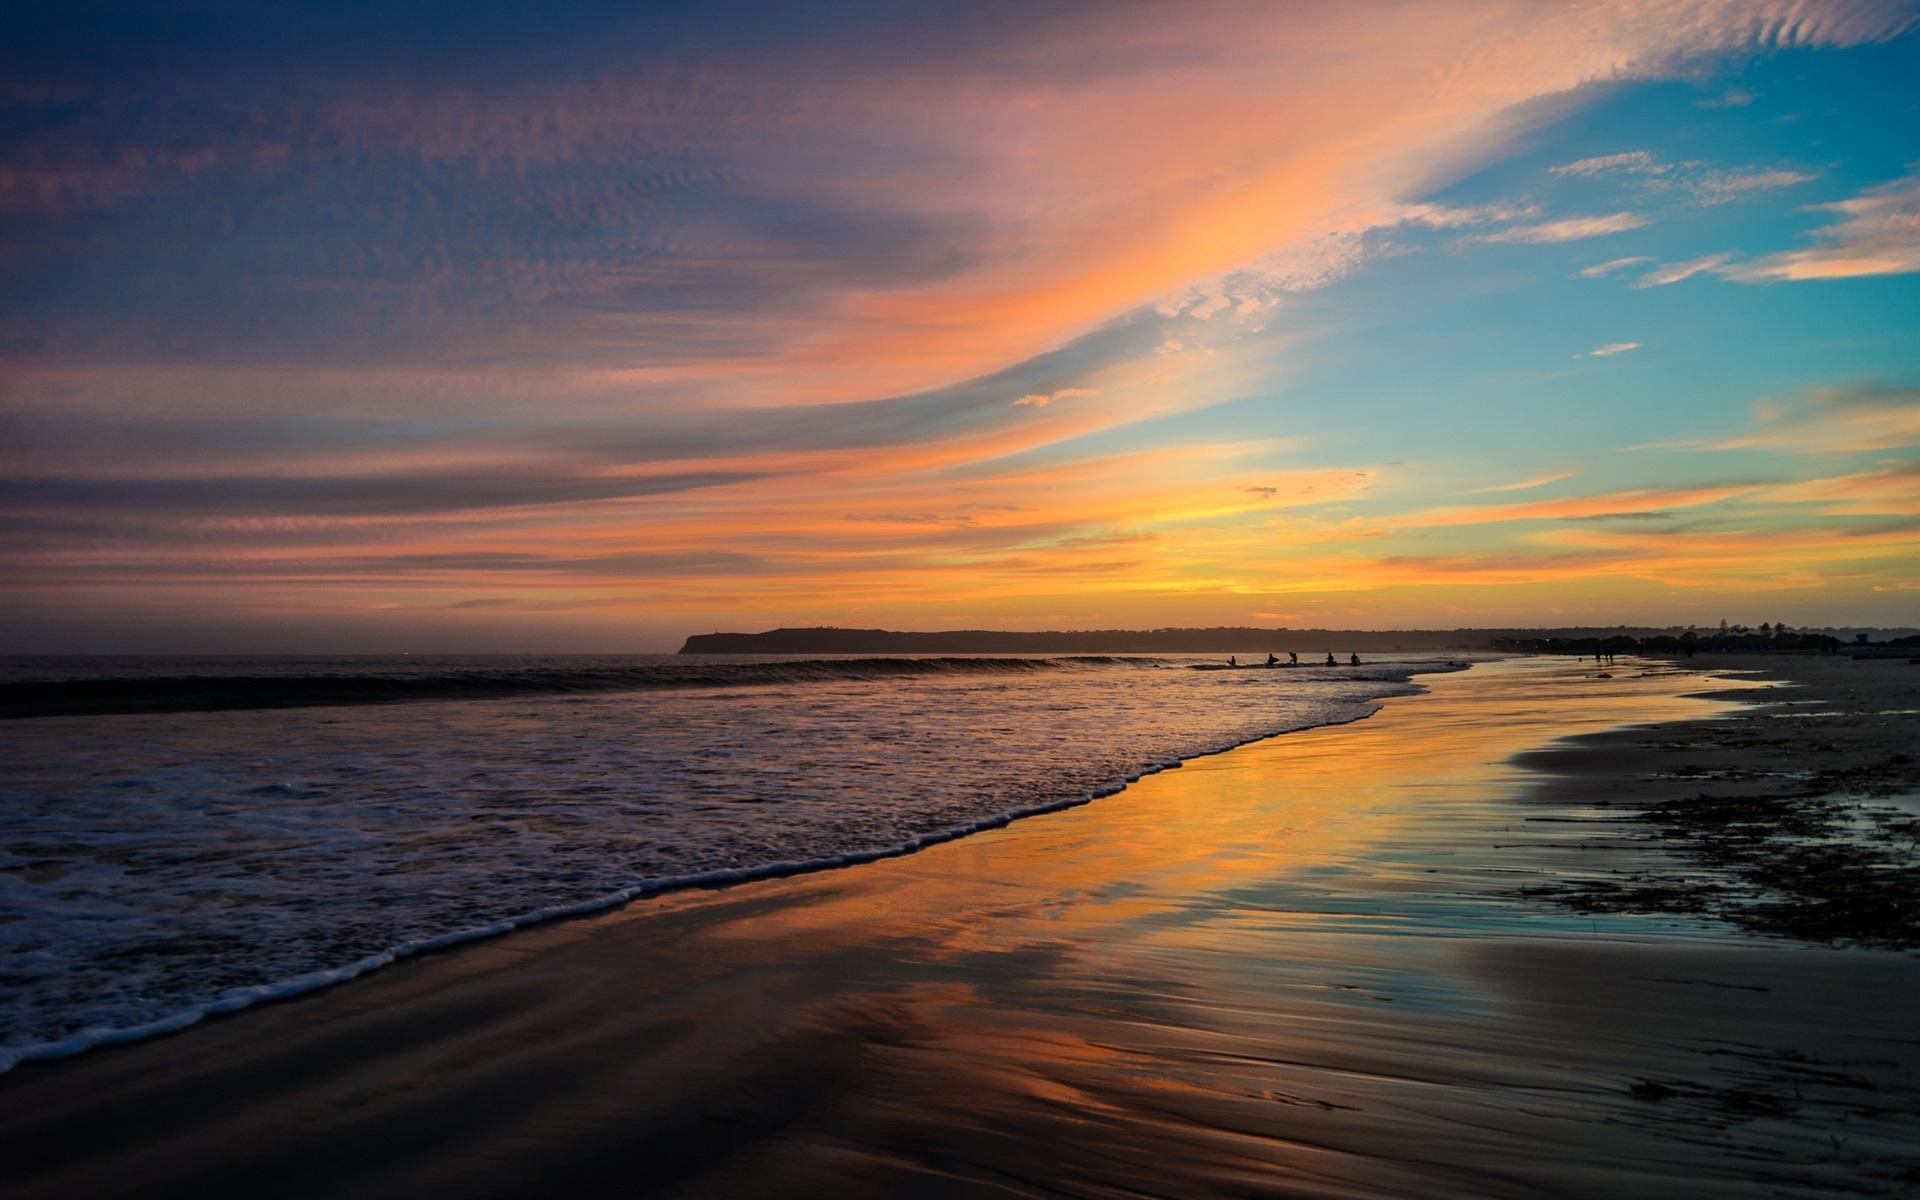 Wallpaper San Diego California Usa Beach Ocean Hd Pics San Diego Beach 1920x1200 Wallpaper Teahub Io